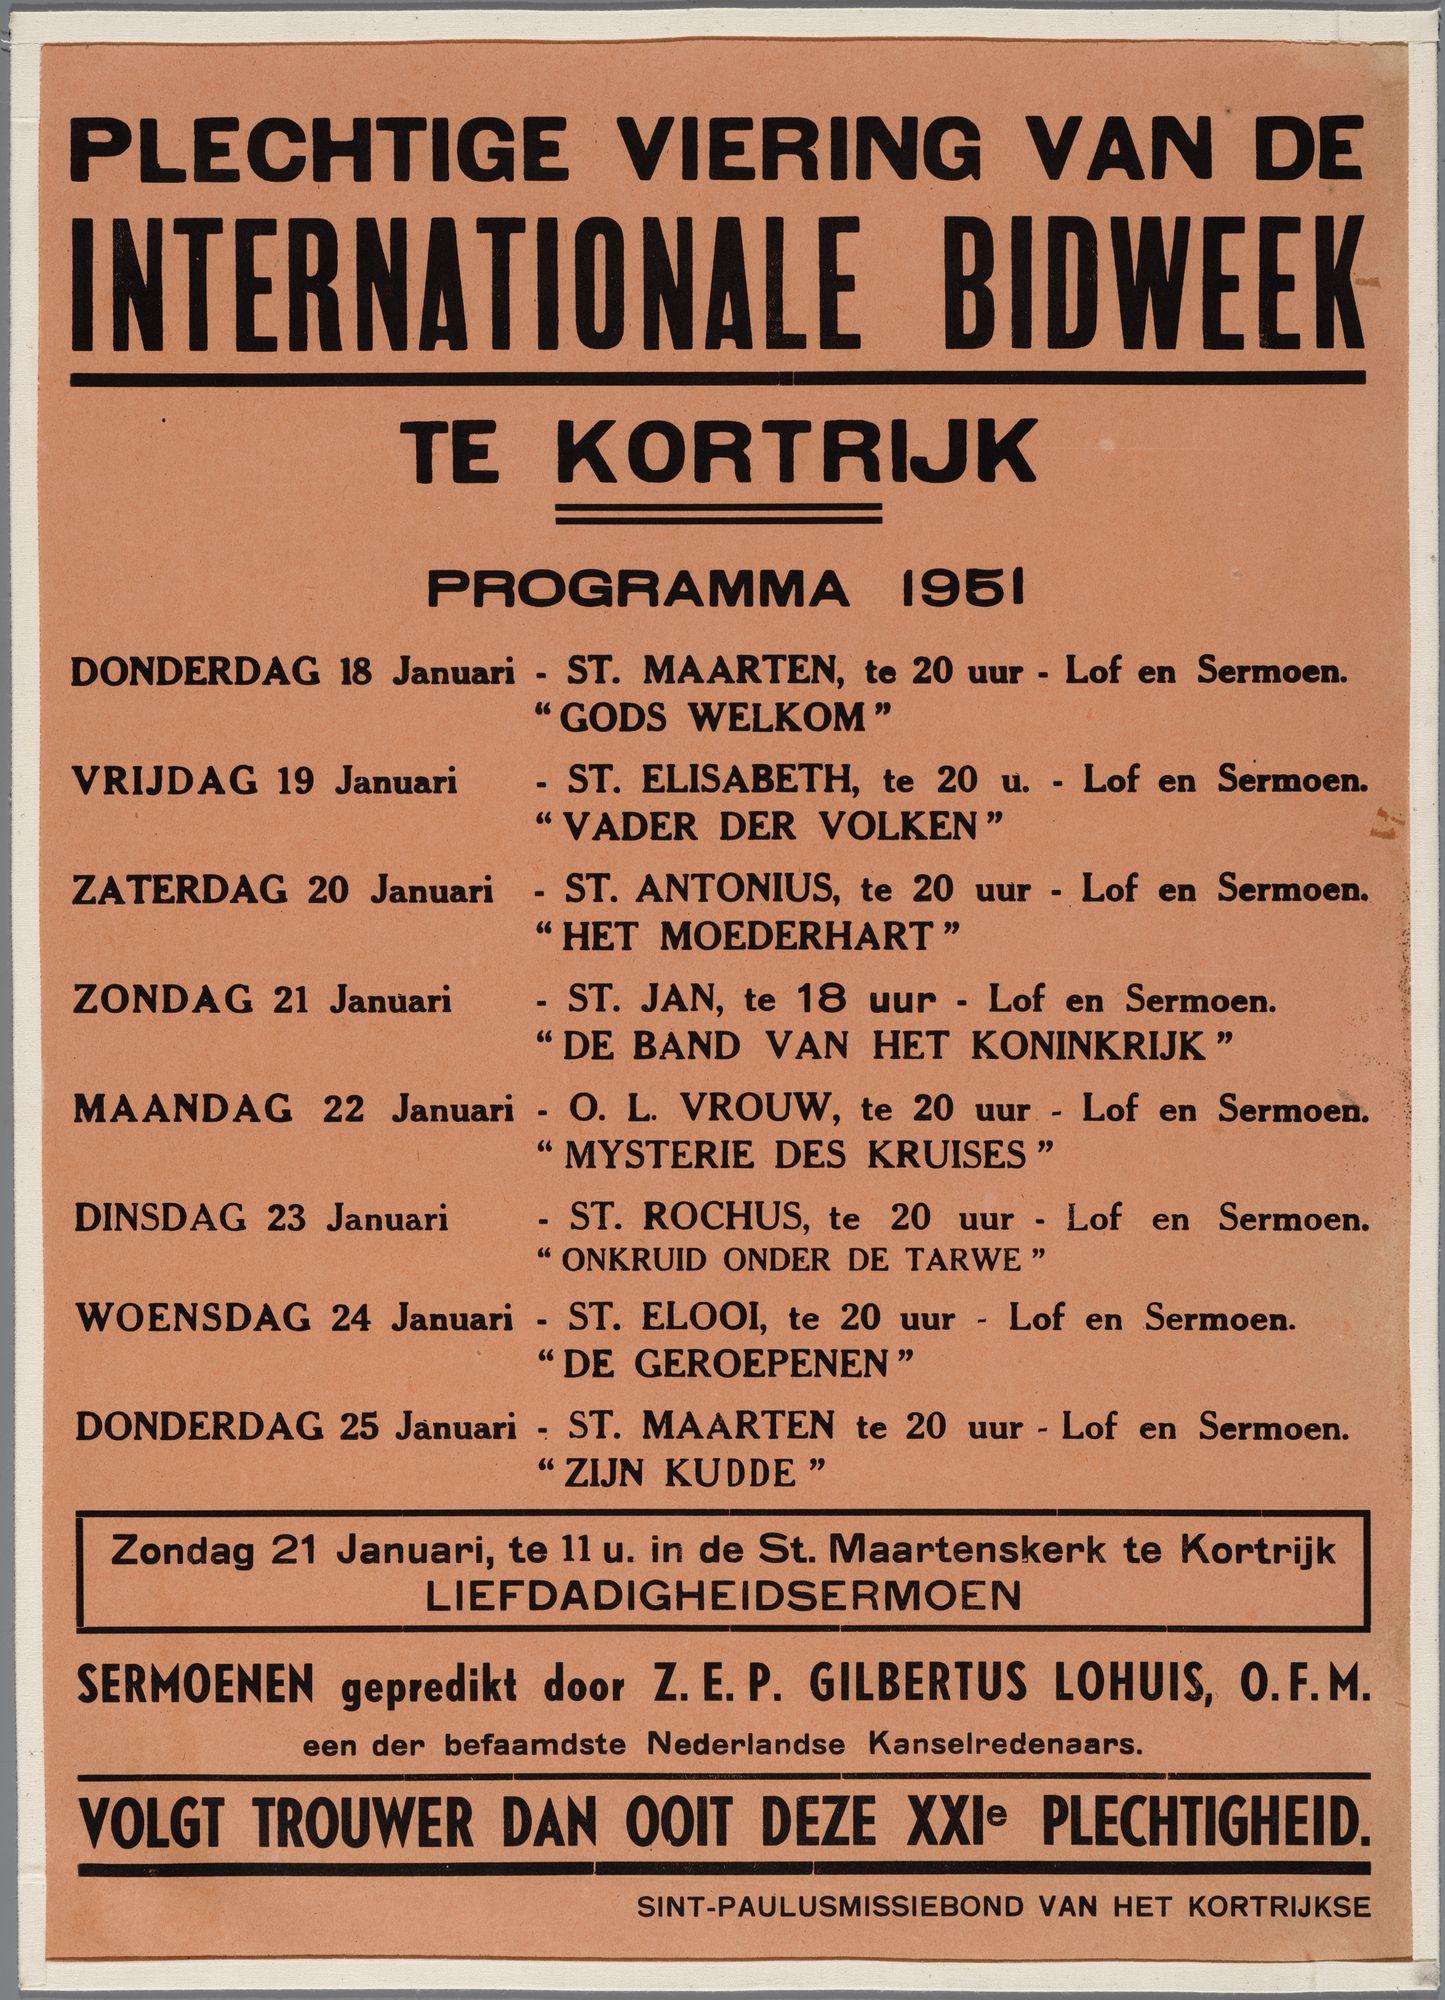 Plechtige viering van de Internationale Bidweek 1951